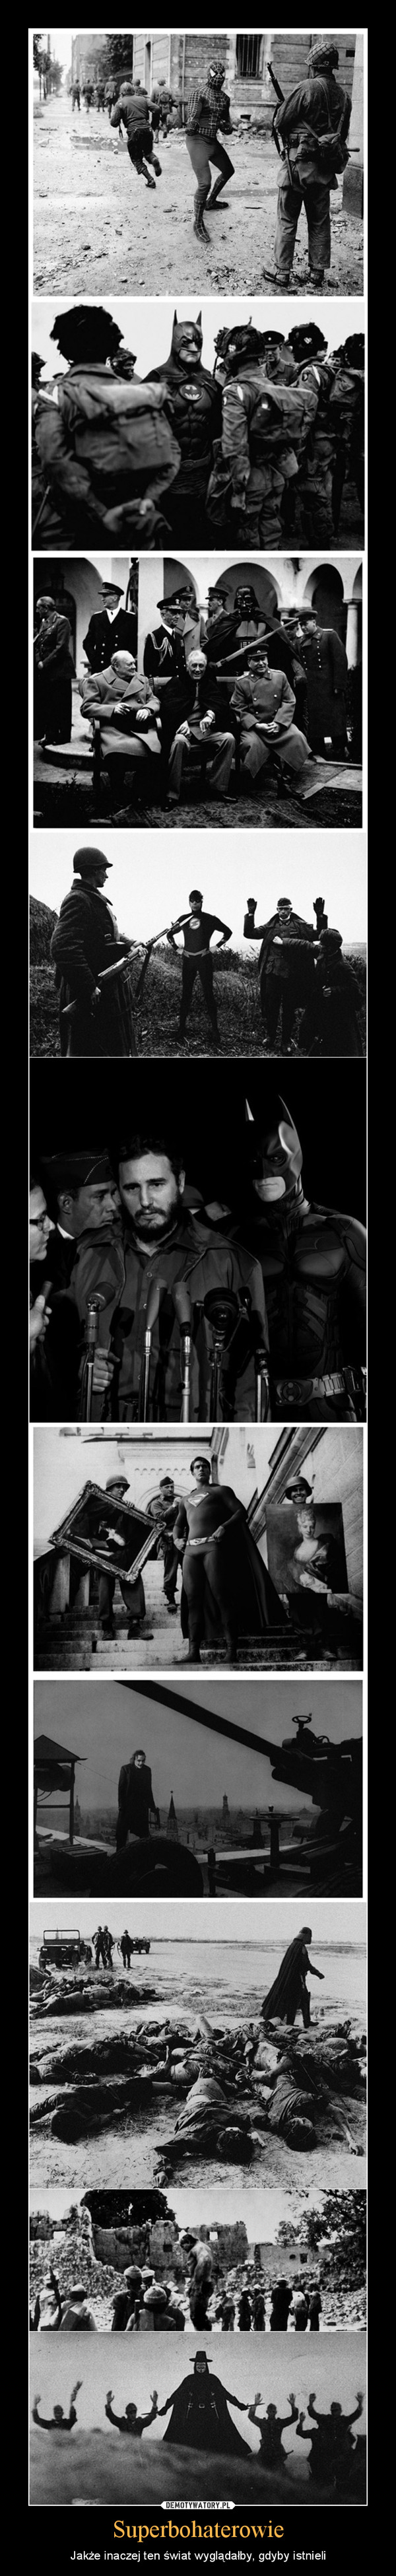 Superbohaterowie – Jakże inaczej ten świat wyglądałby, gdyby istnieli